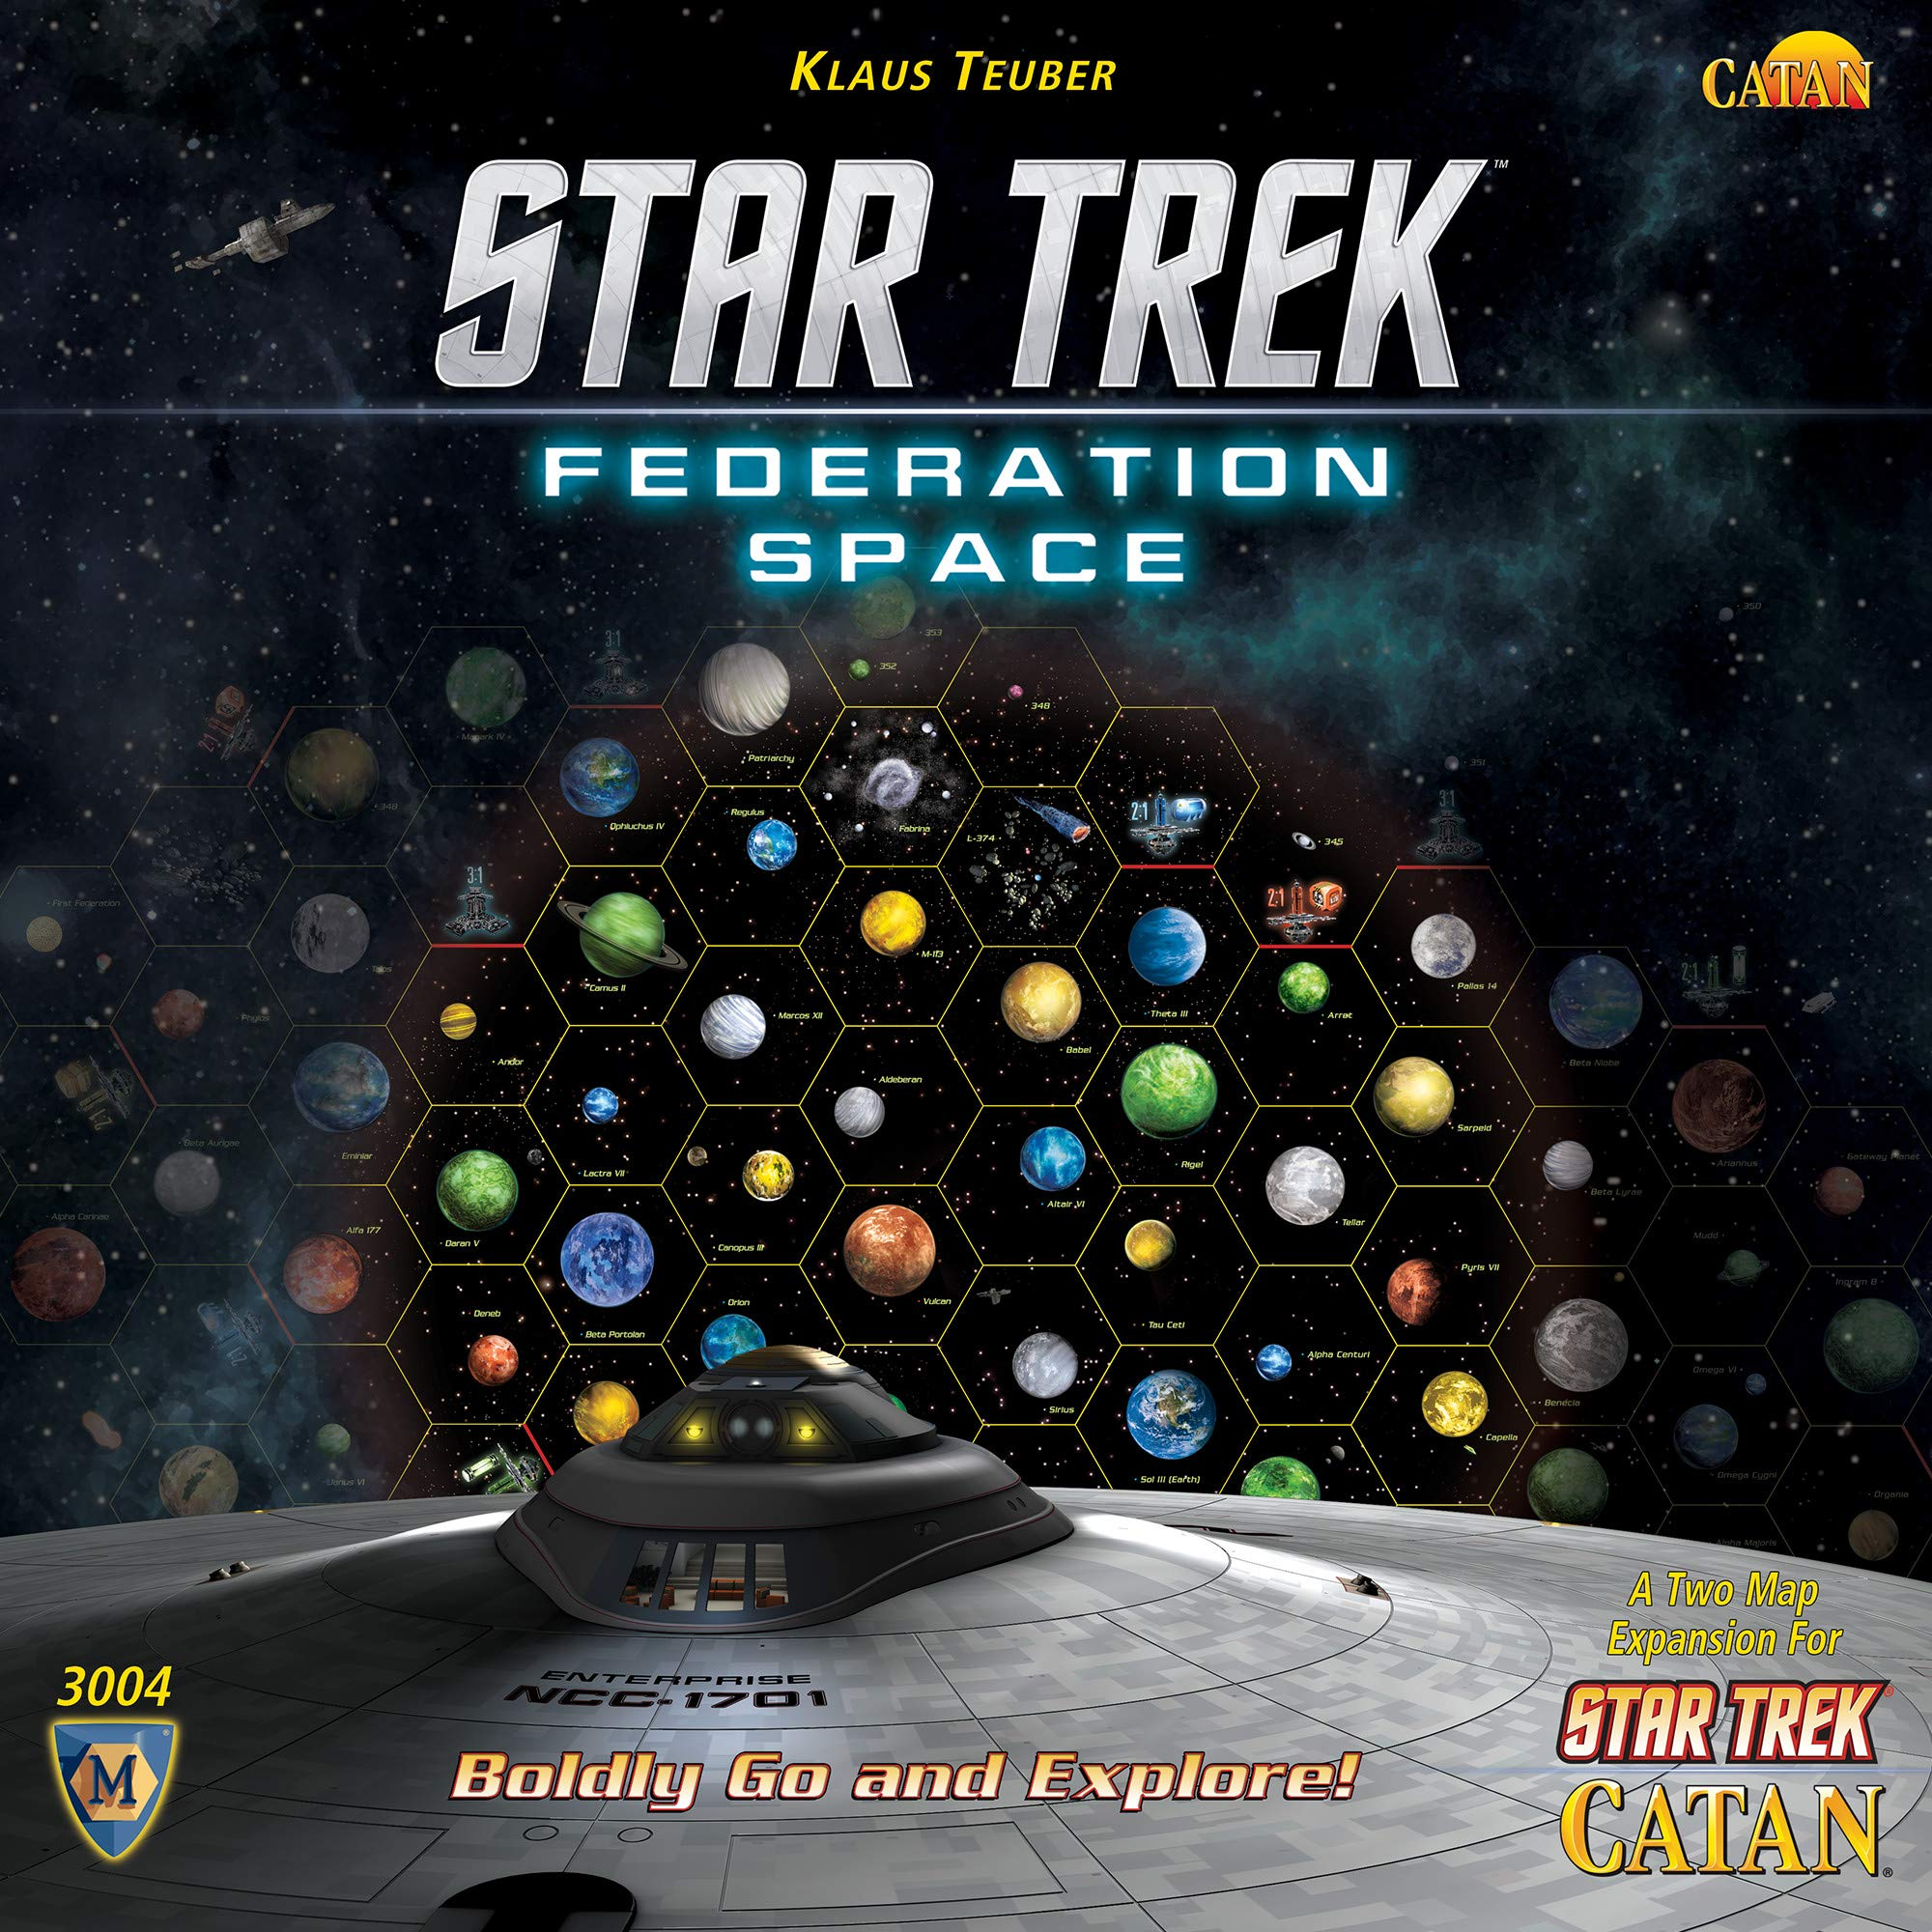 STAR TREK Catan Federation Space Map - Expansión de Juego de Mesa: Amazon.es: Juguetes y juegos